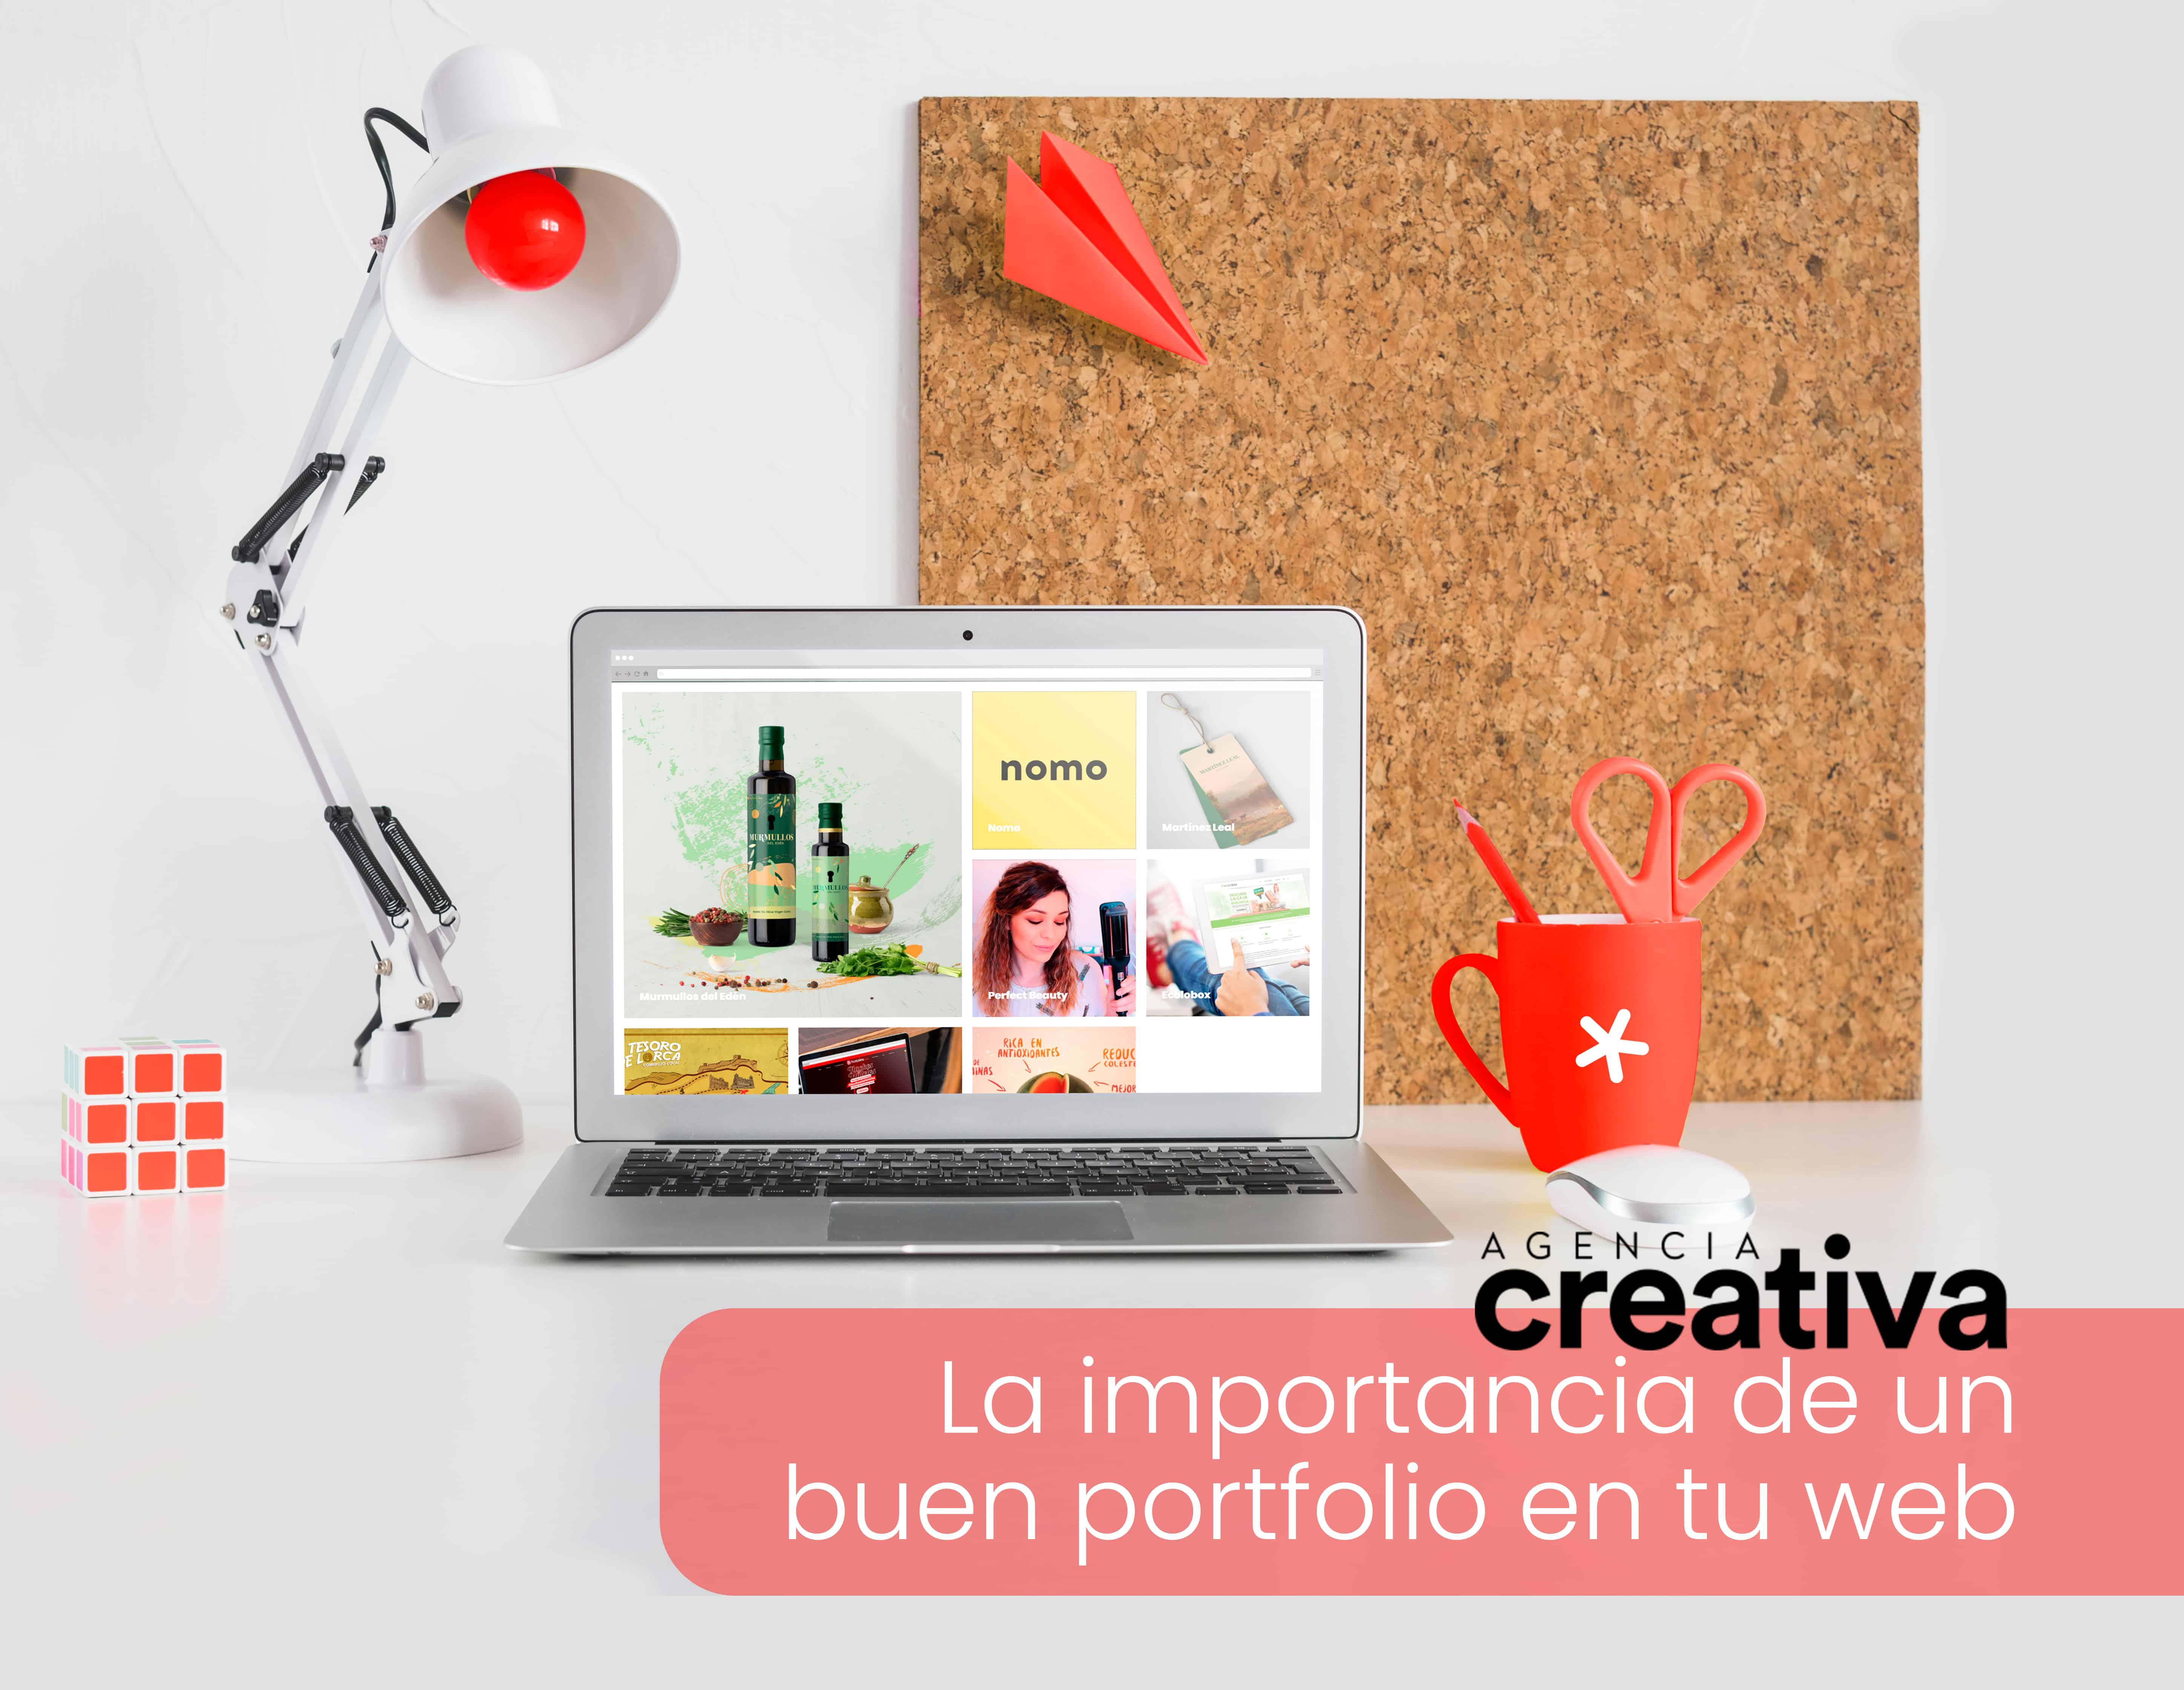 La importancia de un buen portfolio en tu web